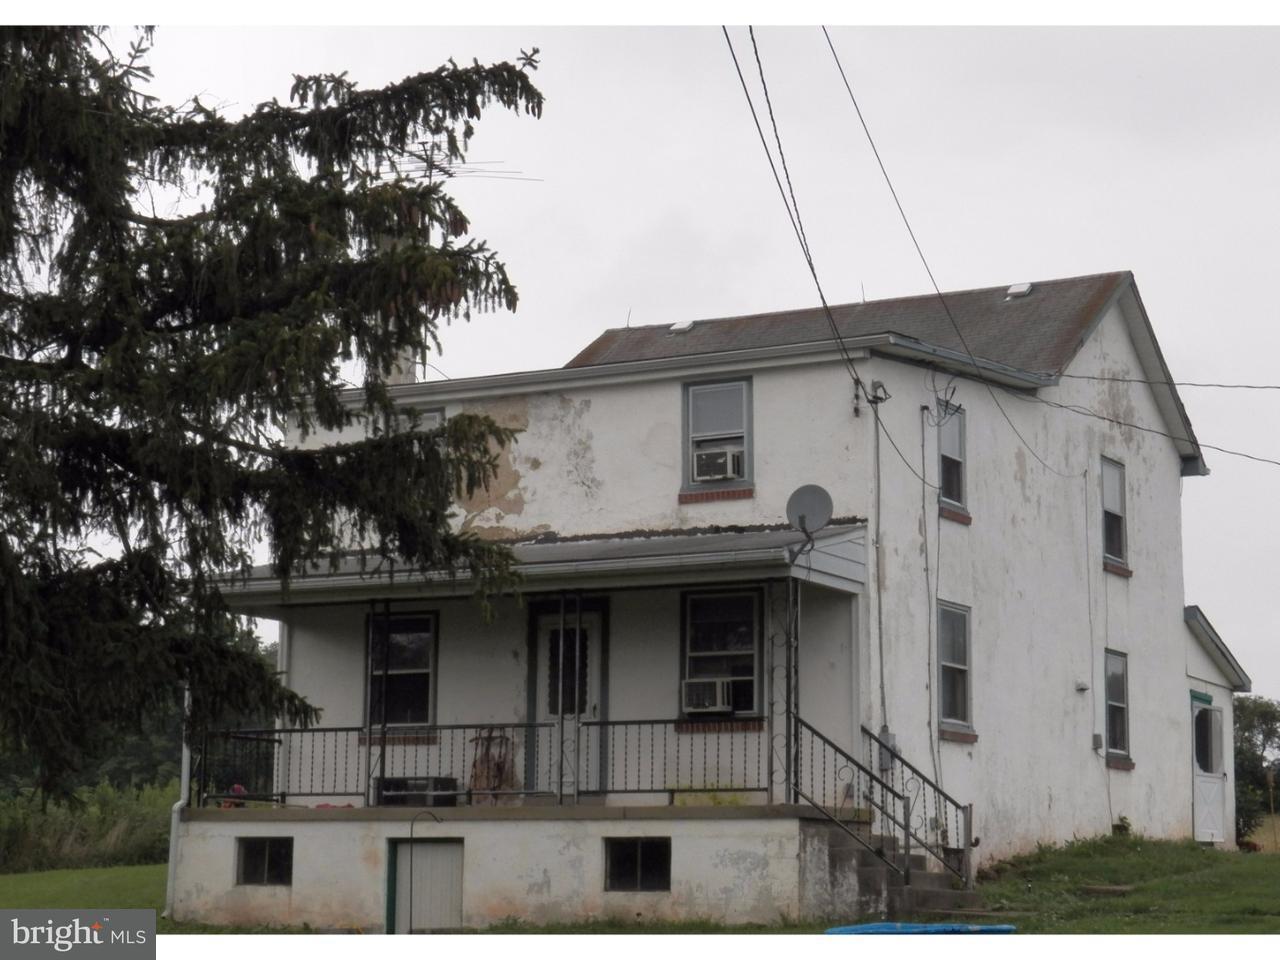 Maison unifamiliale pour l Vente à 2282 WARNER SCHOOL Road East Greenville, Pennsylvanie 18041 États-Unis